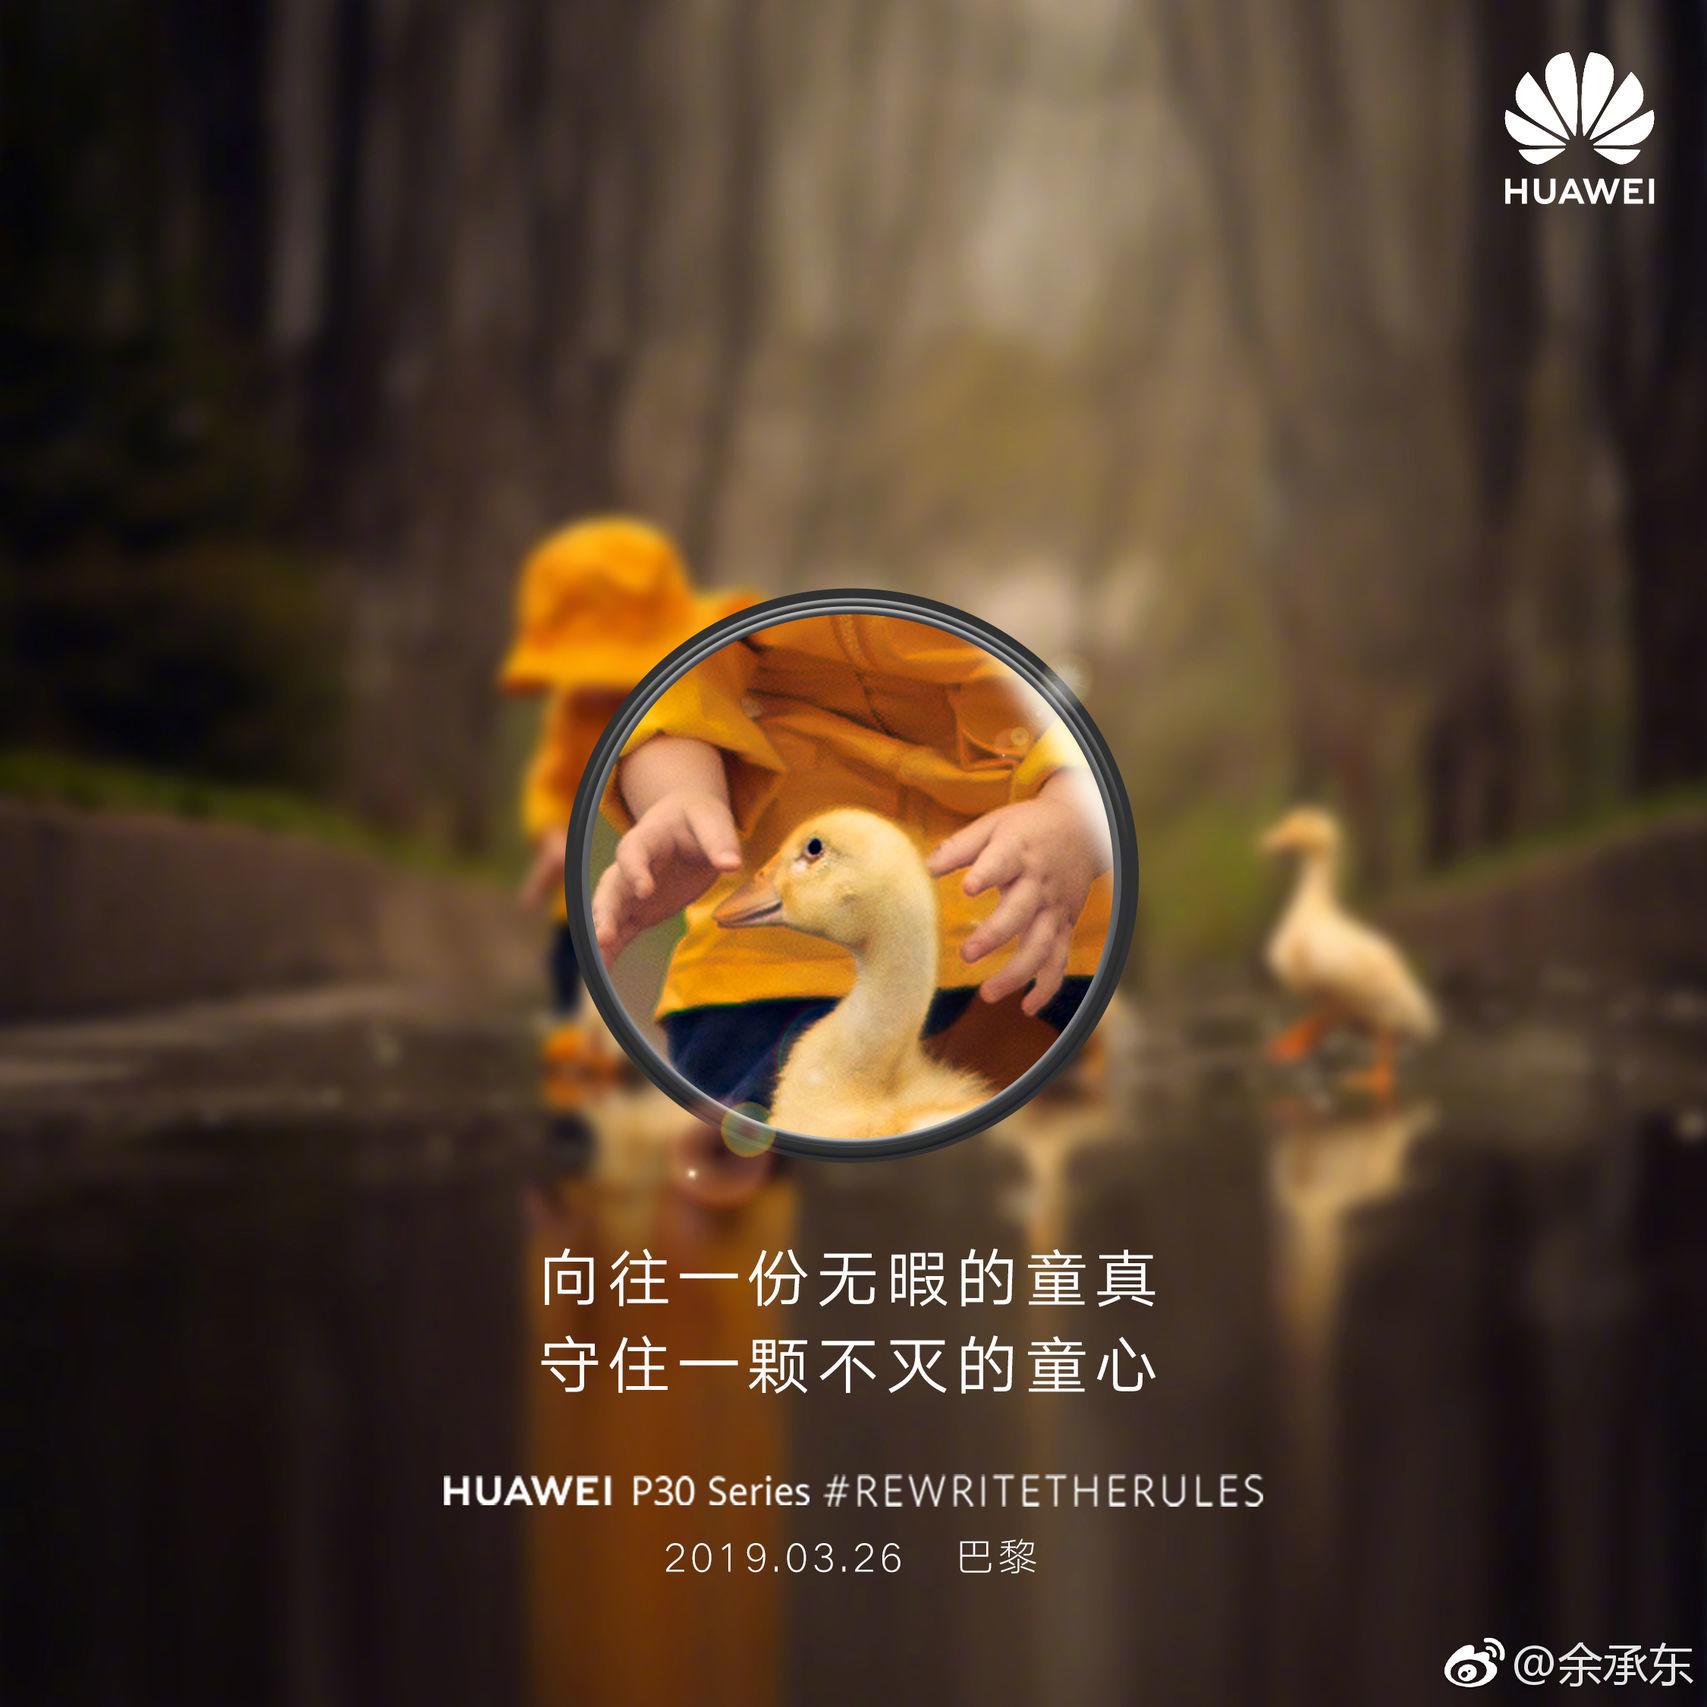 Huawei P30 RewriteTheRules